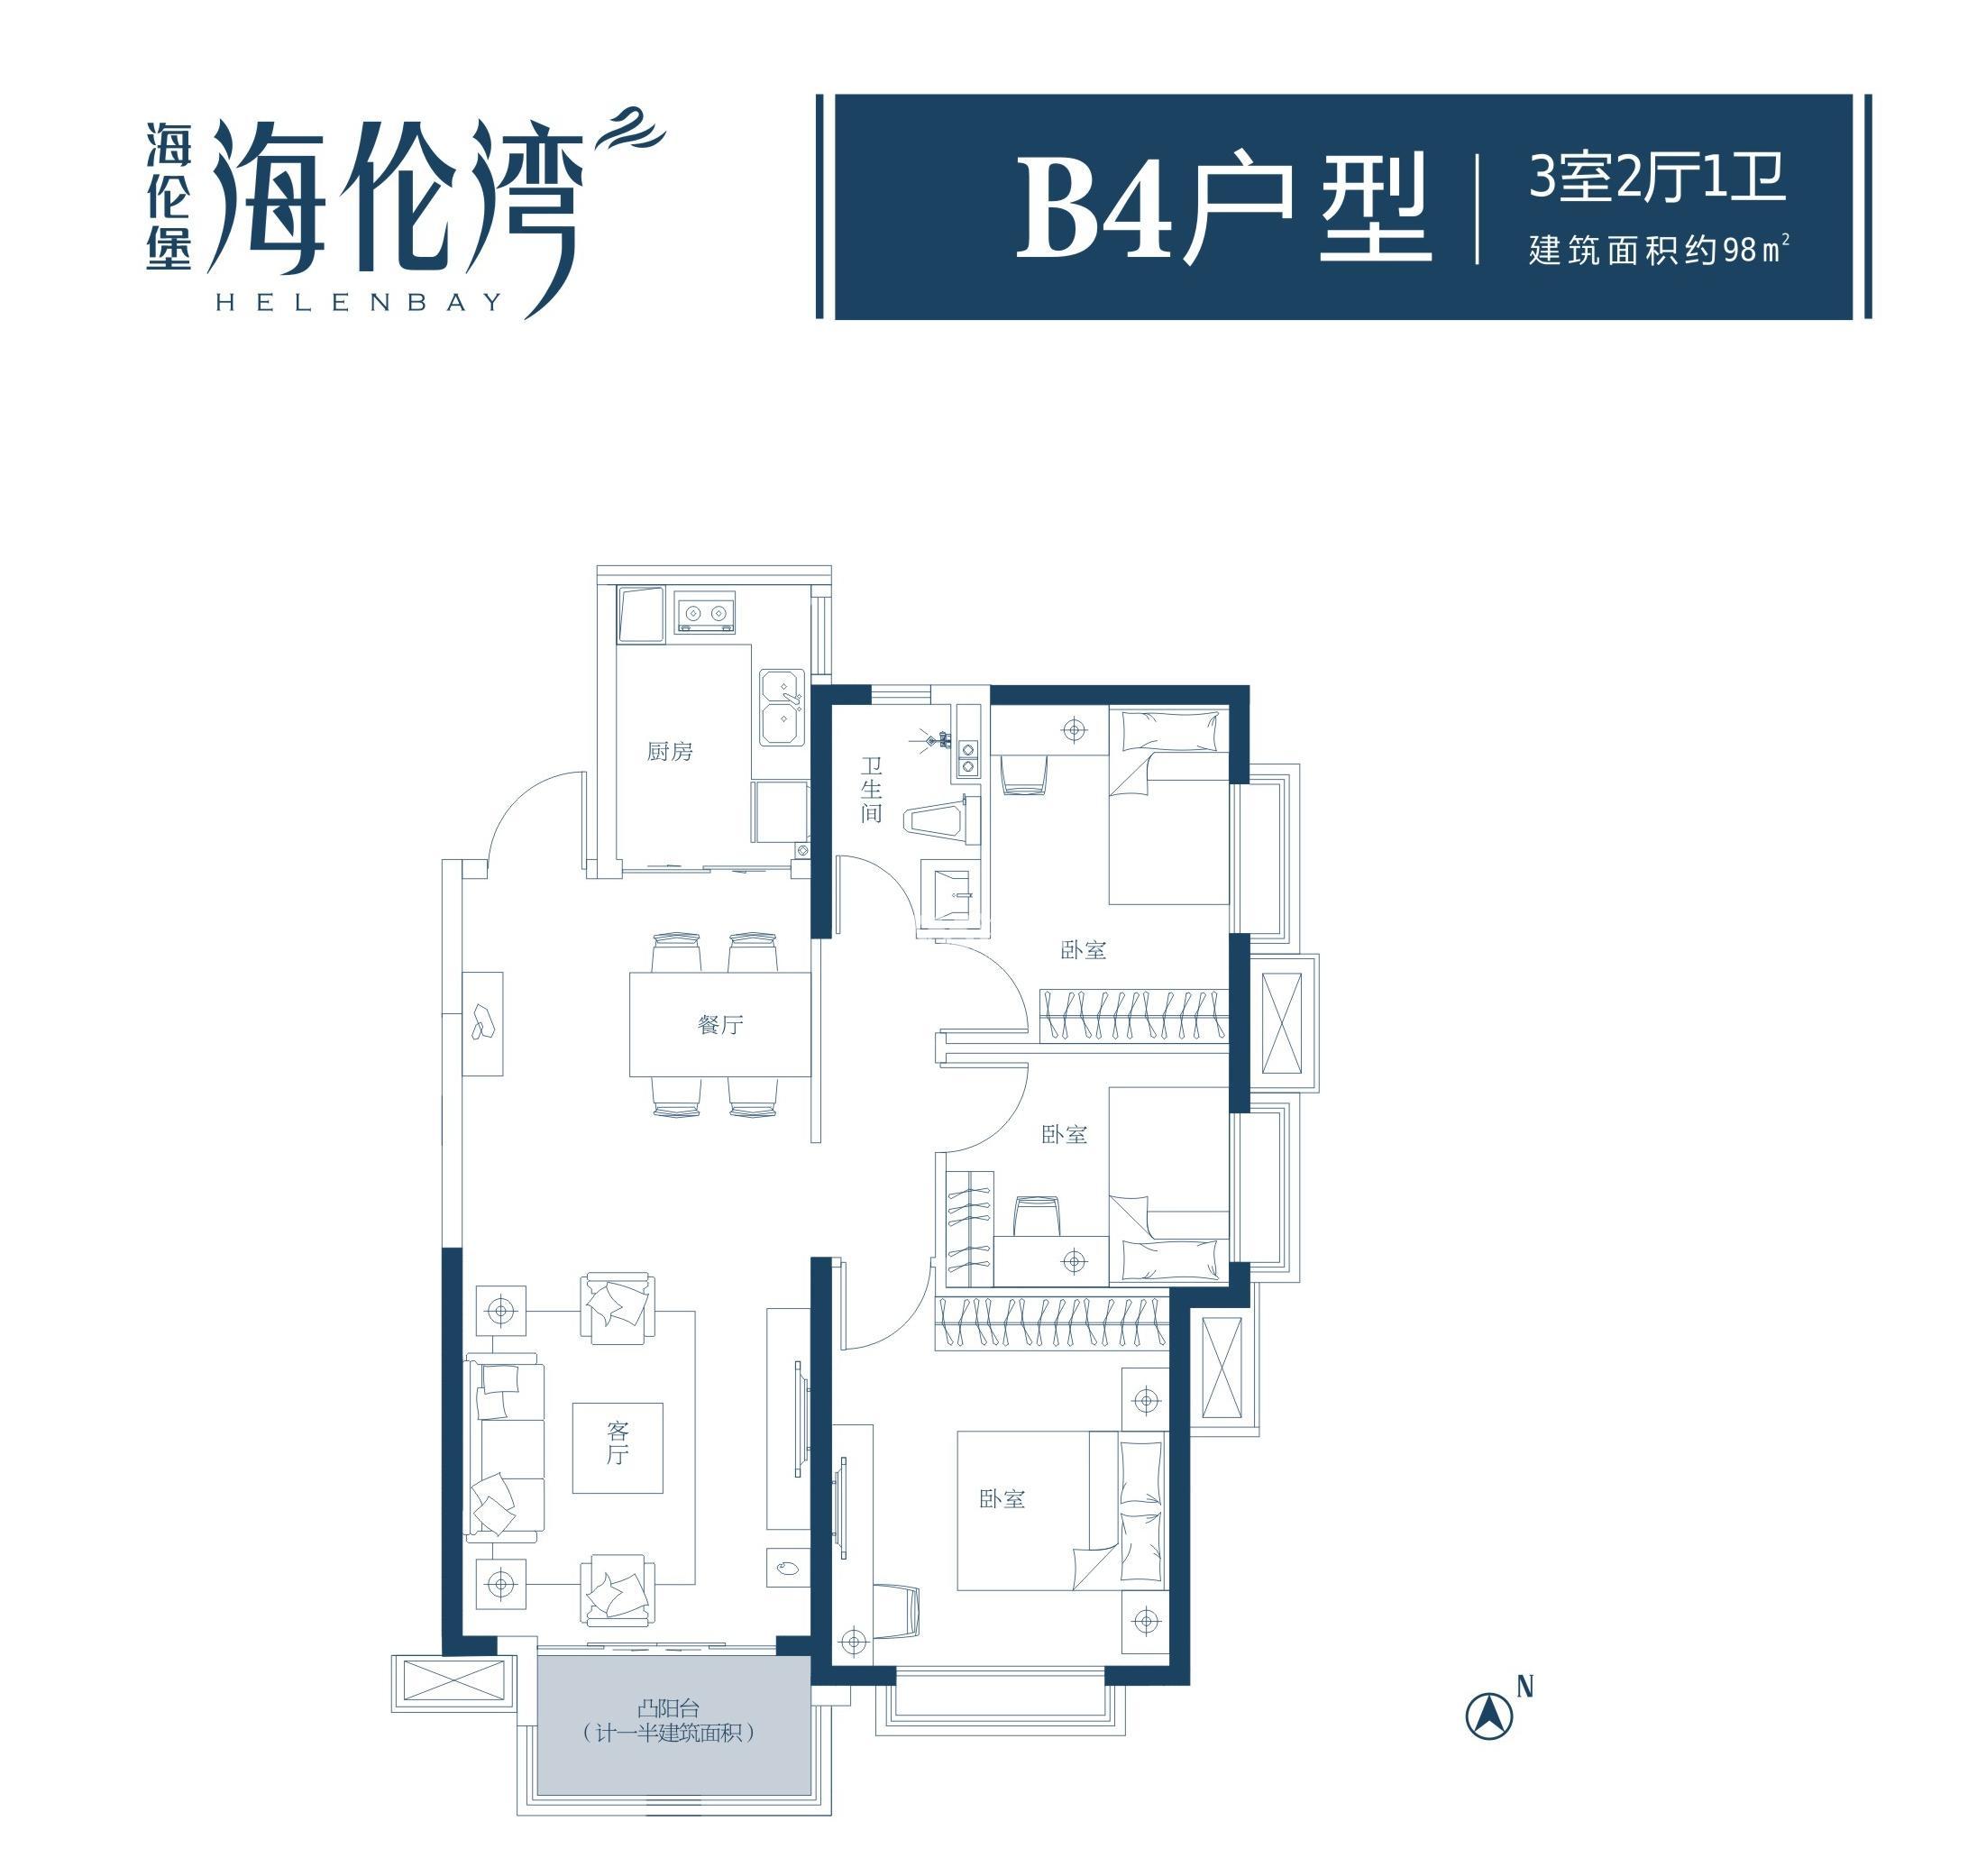 海伦湾三室两厅98㎡B4户型图